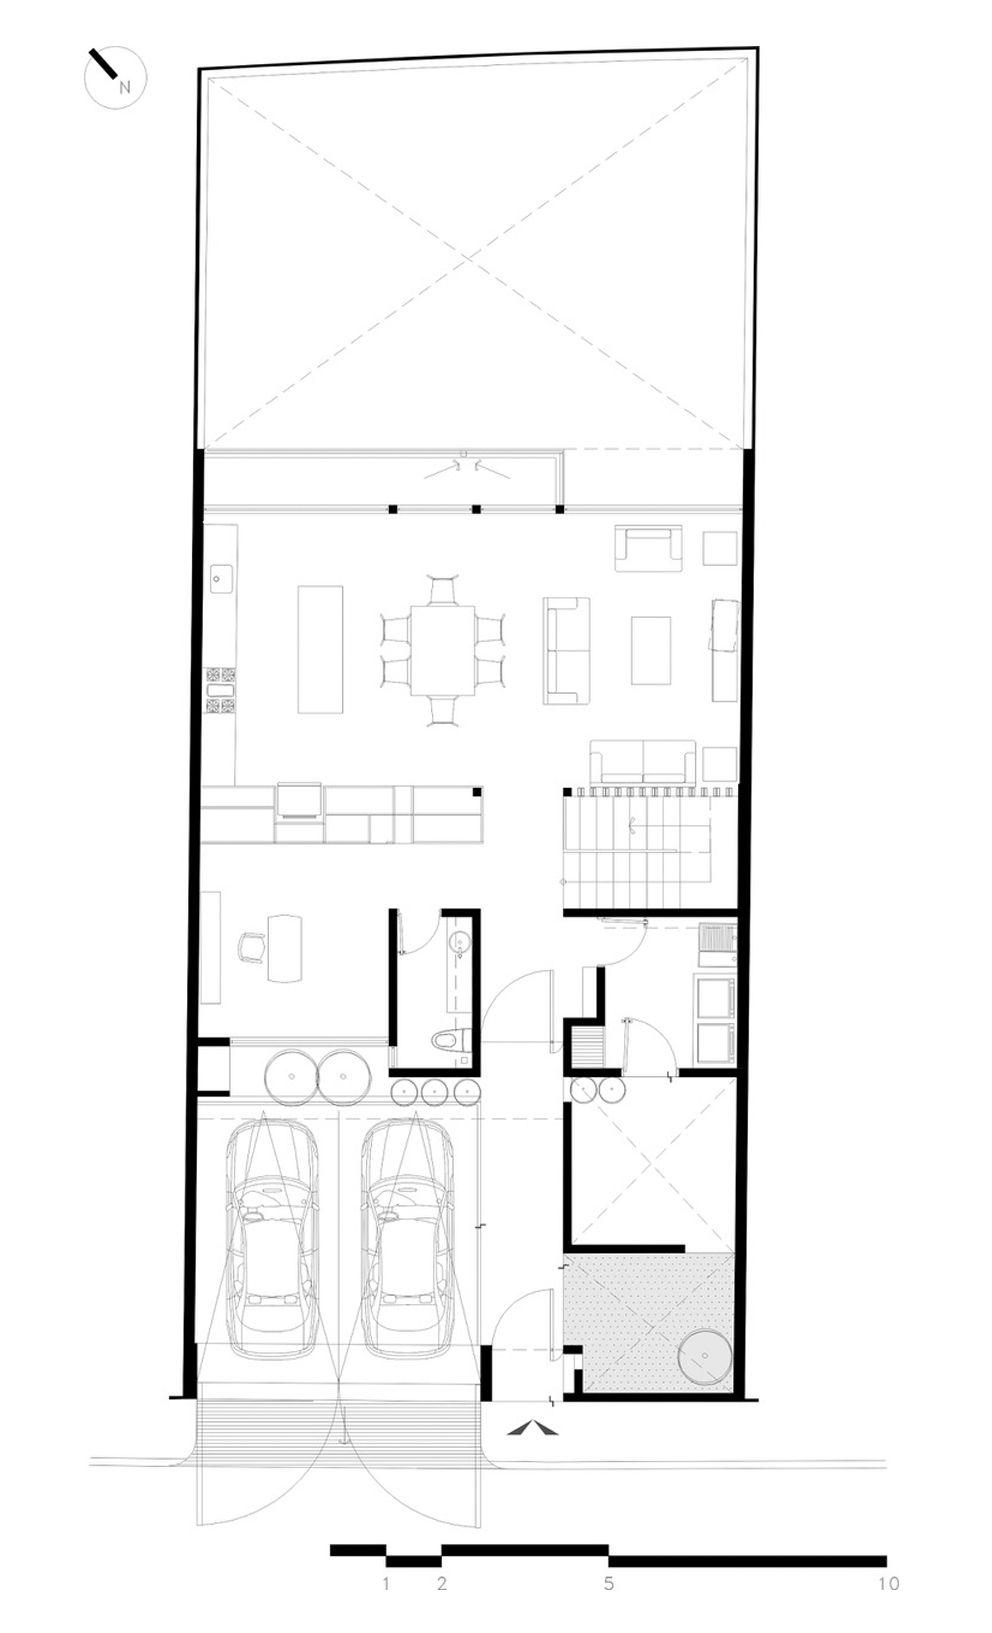 Imagen 14 De 17 De La Galeria De Casa Milan Bca Taller De Diseno Planta Baja Casas De Dos Plantas Casas De Dos Pisos Planos Arquitectonicos De Casas